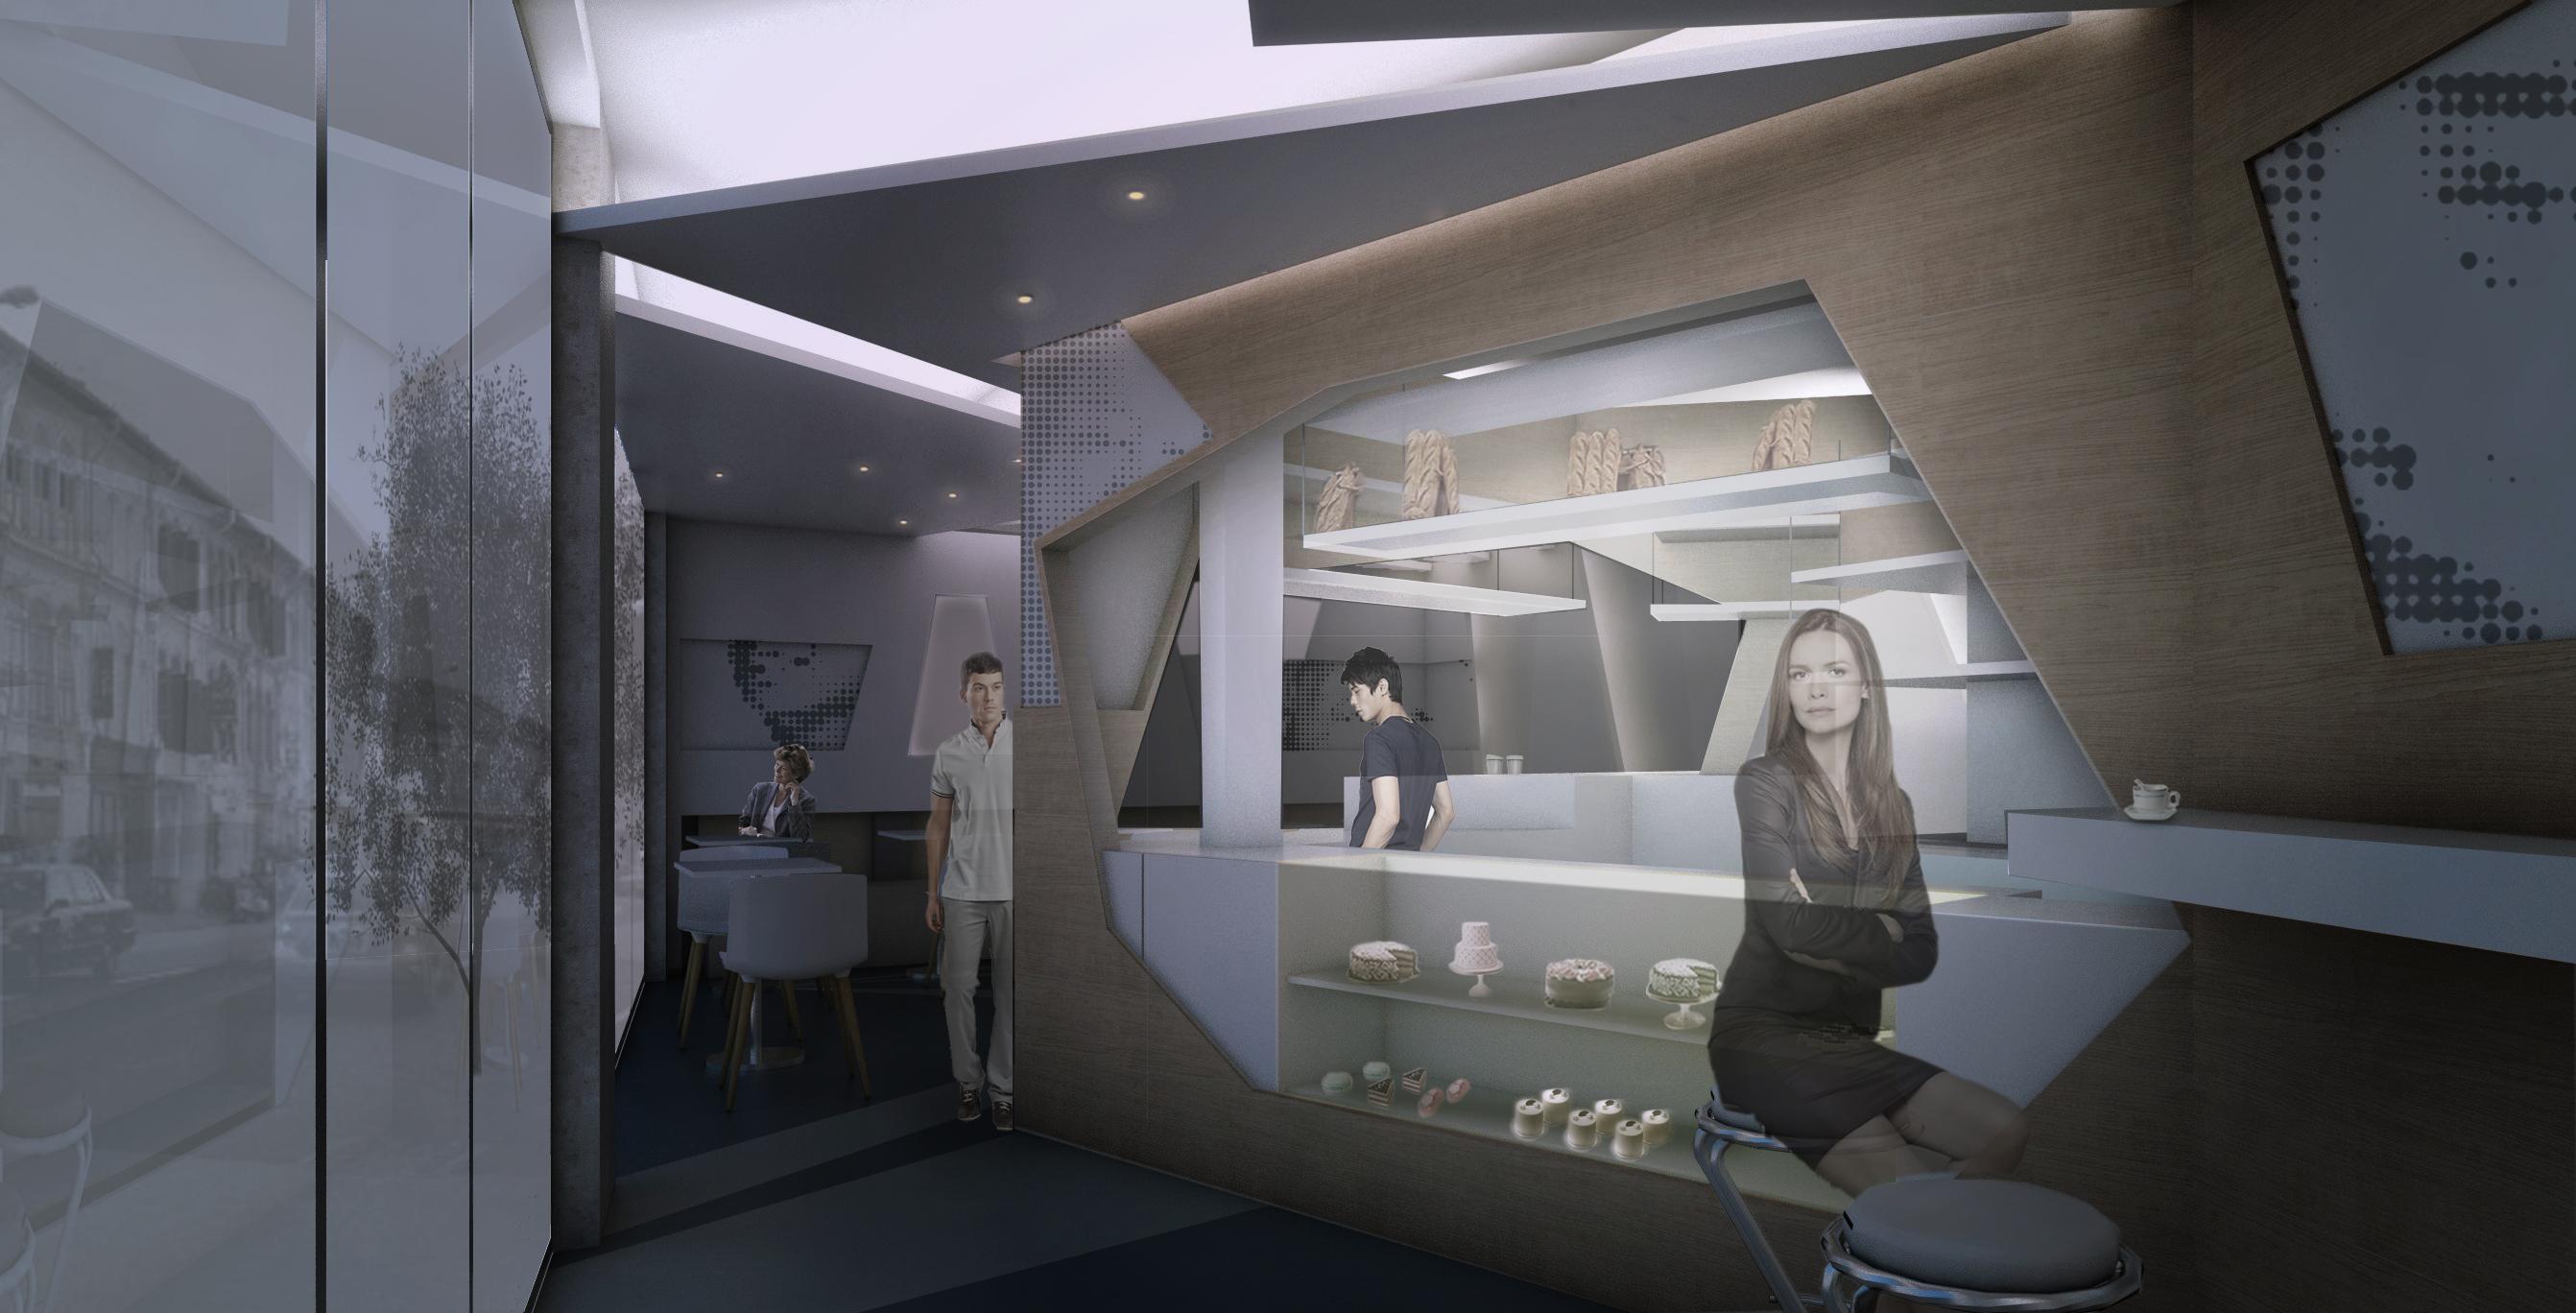 咖啡馆室内设计_科普建筑设计工作室案例展示_一品